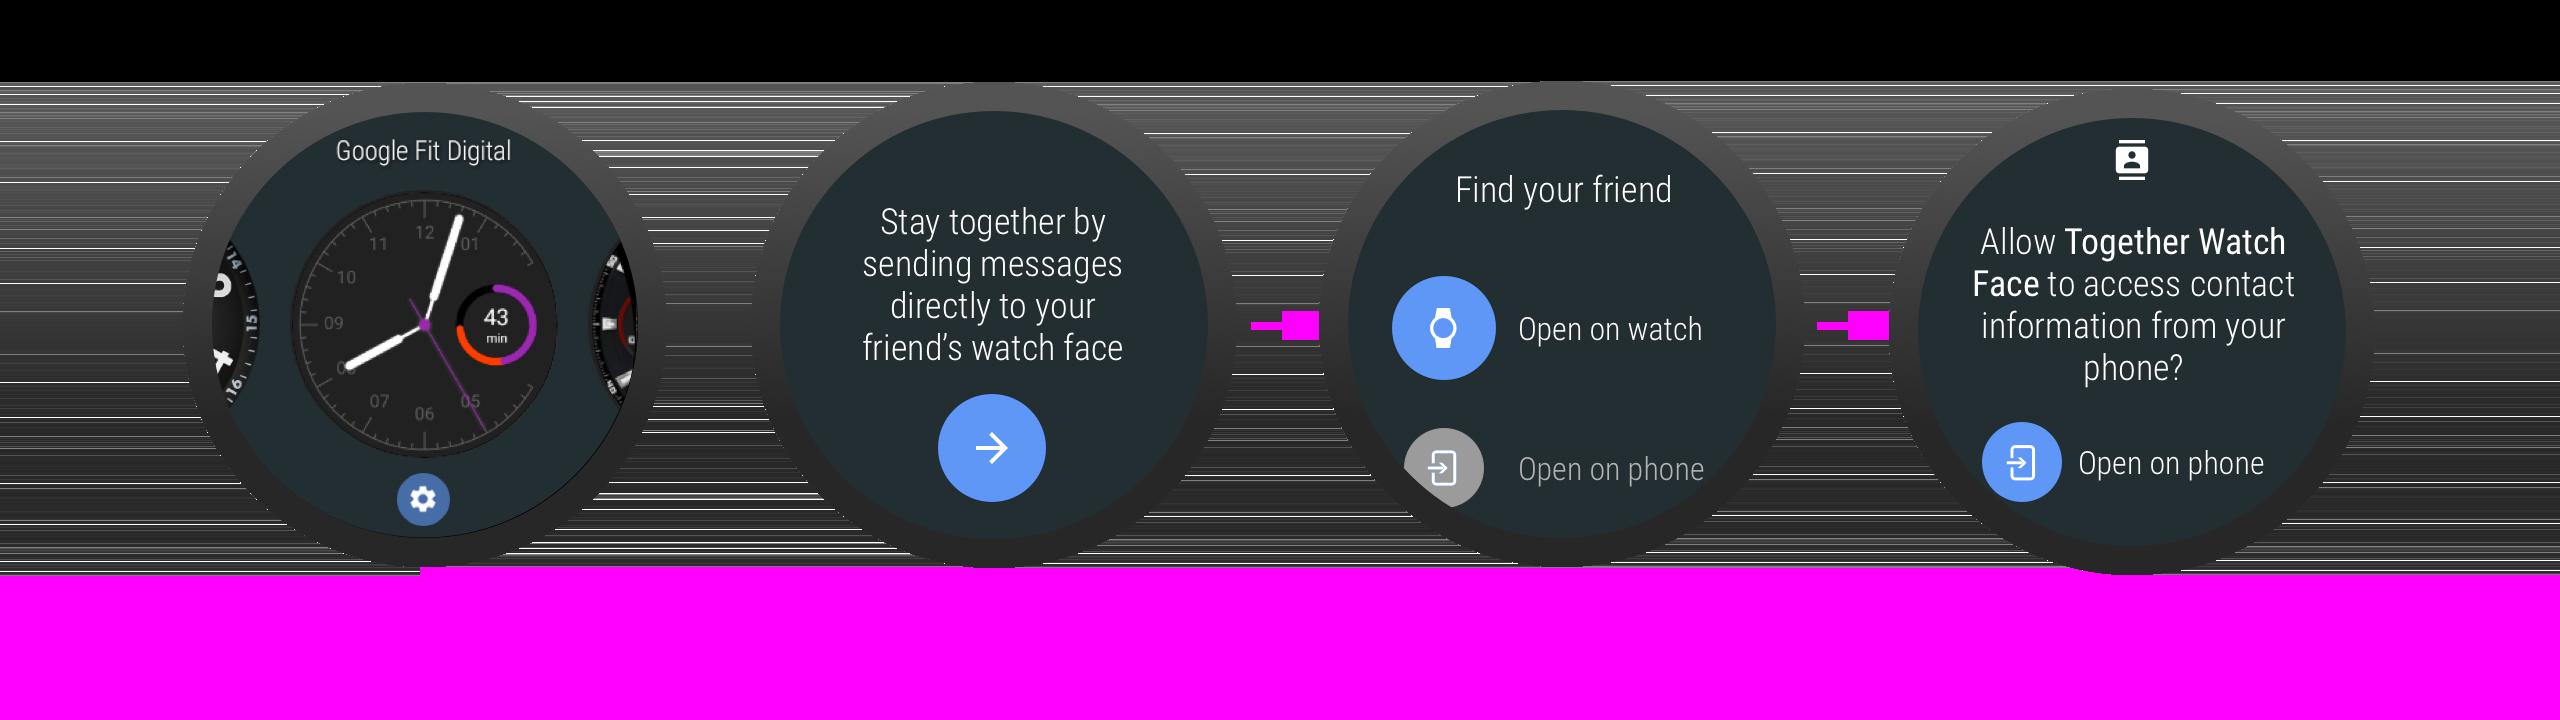 실행 시 권한을 요청할 때 앱에서 권한이 필요한 이유를 설명할 수 있습니다.